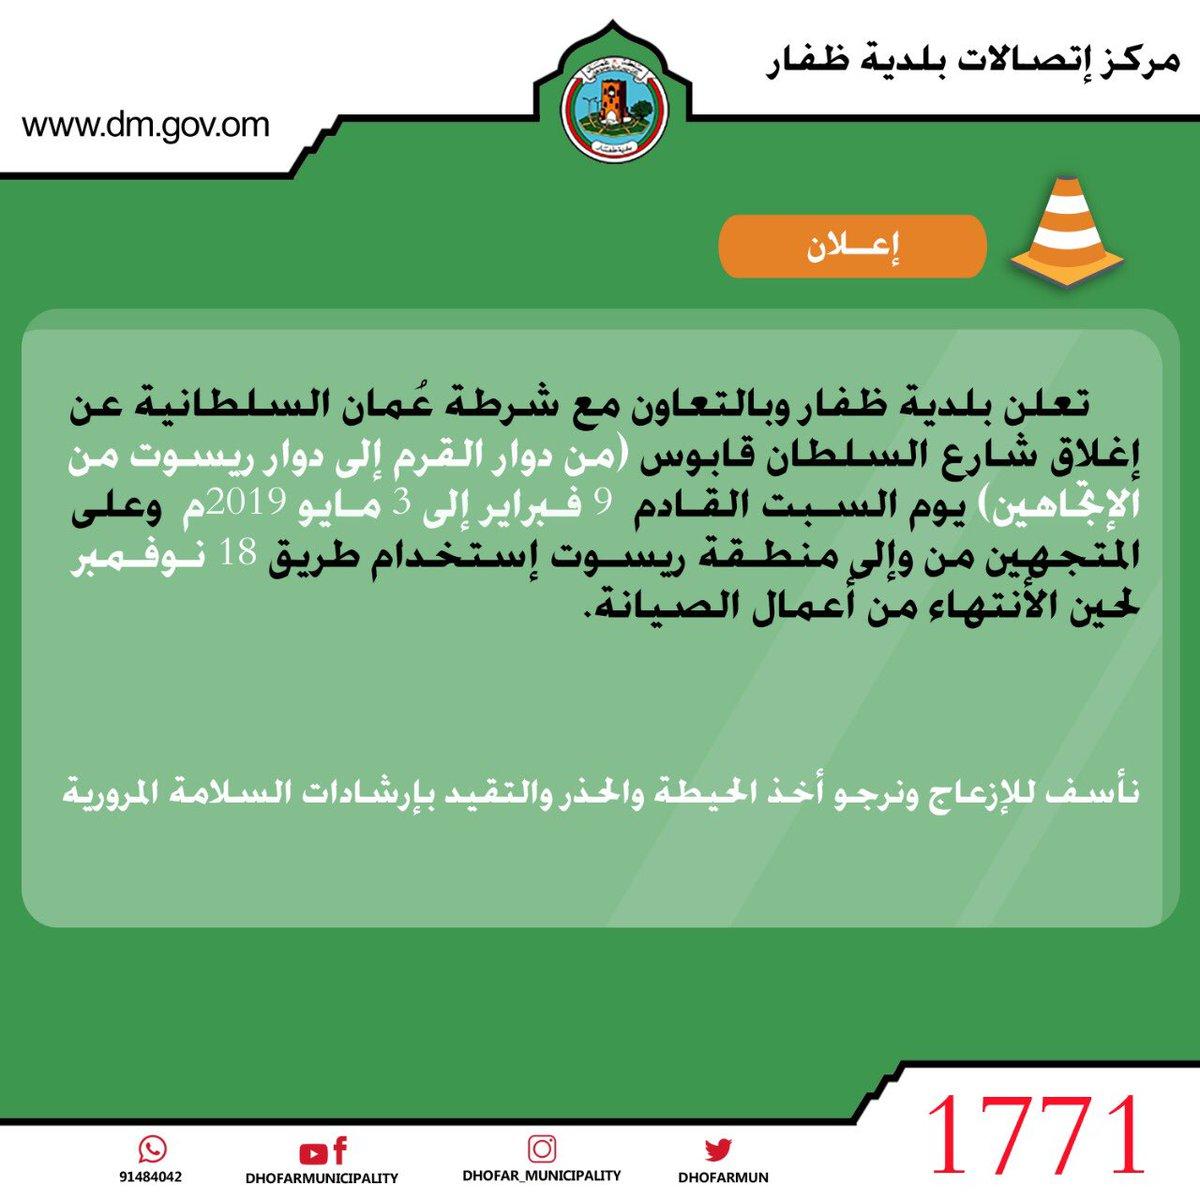 تنويه من بلدية ظفار حول أعمال صيانة في أحد الشوارع وموعد إغلاقه